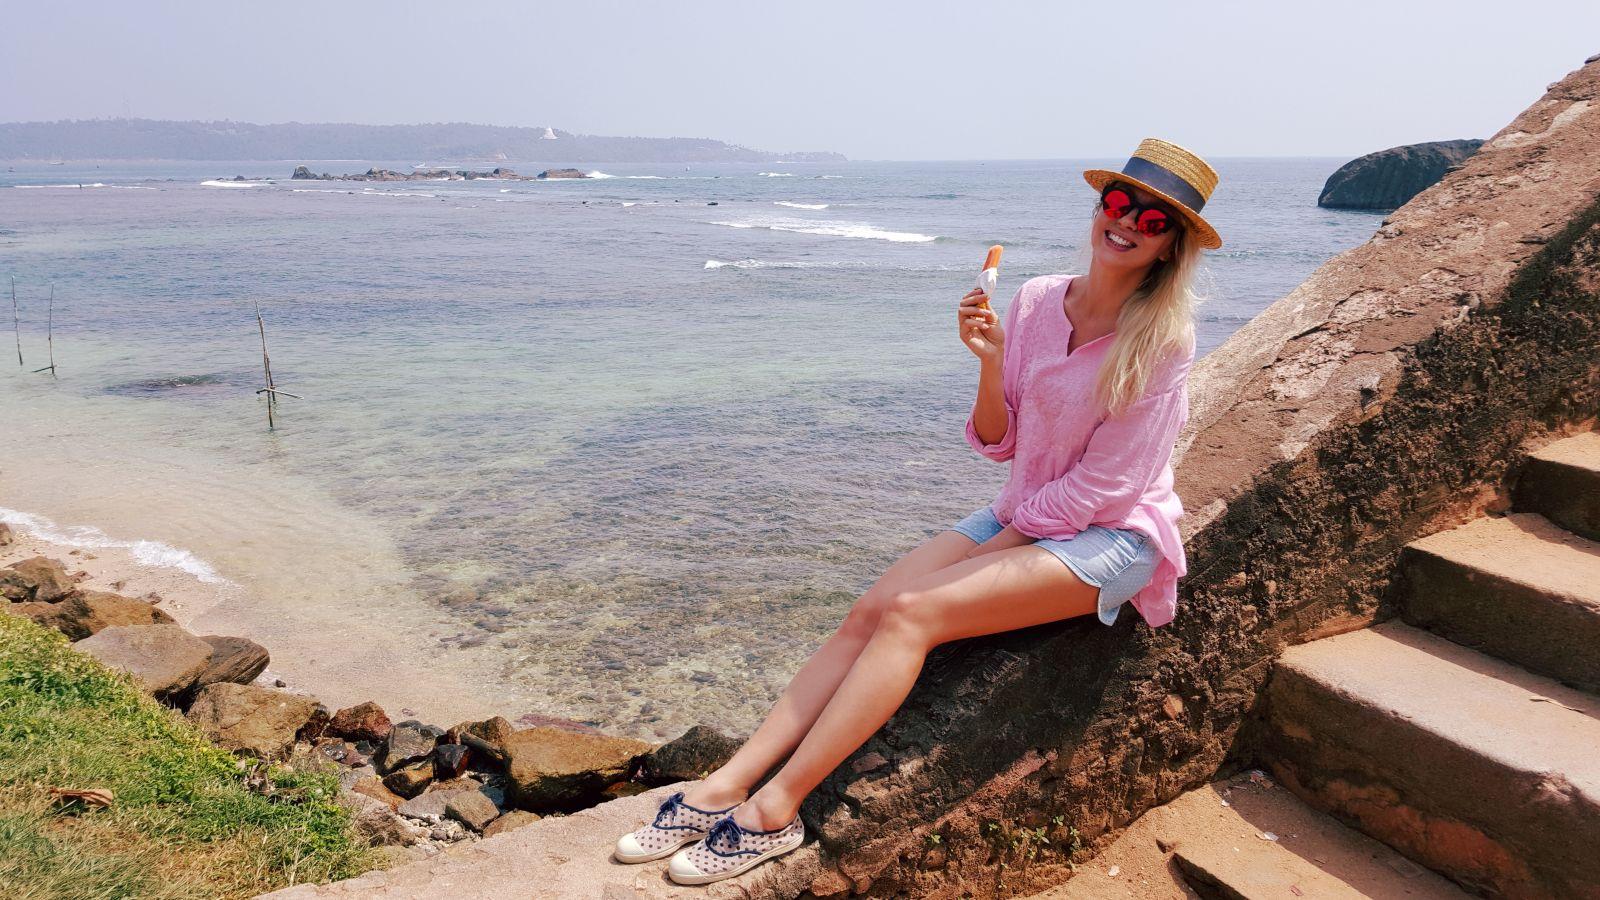 Оля Полякова отпраздновала день рождения в бикини на Шри-Ланке